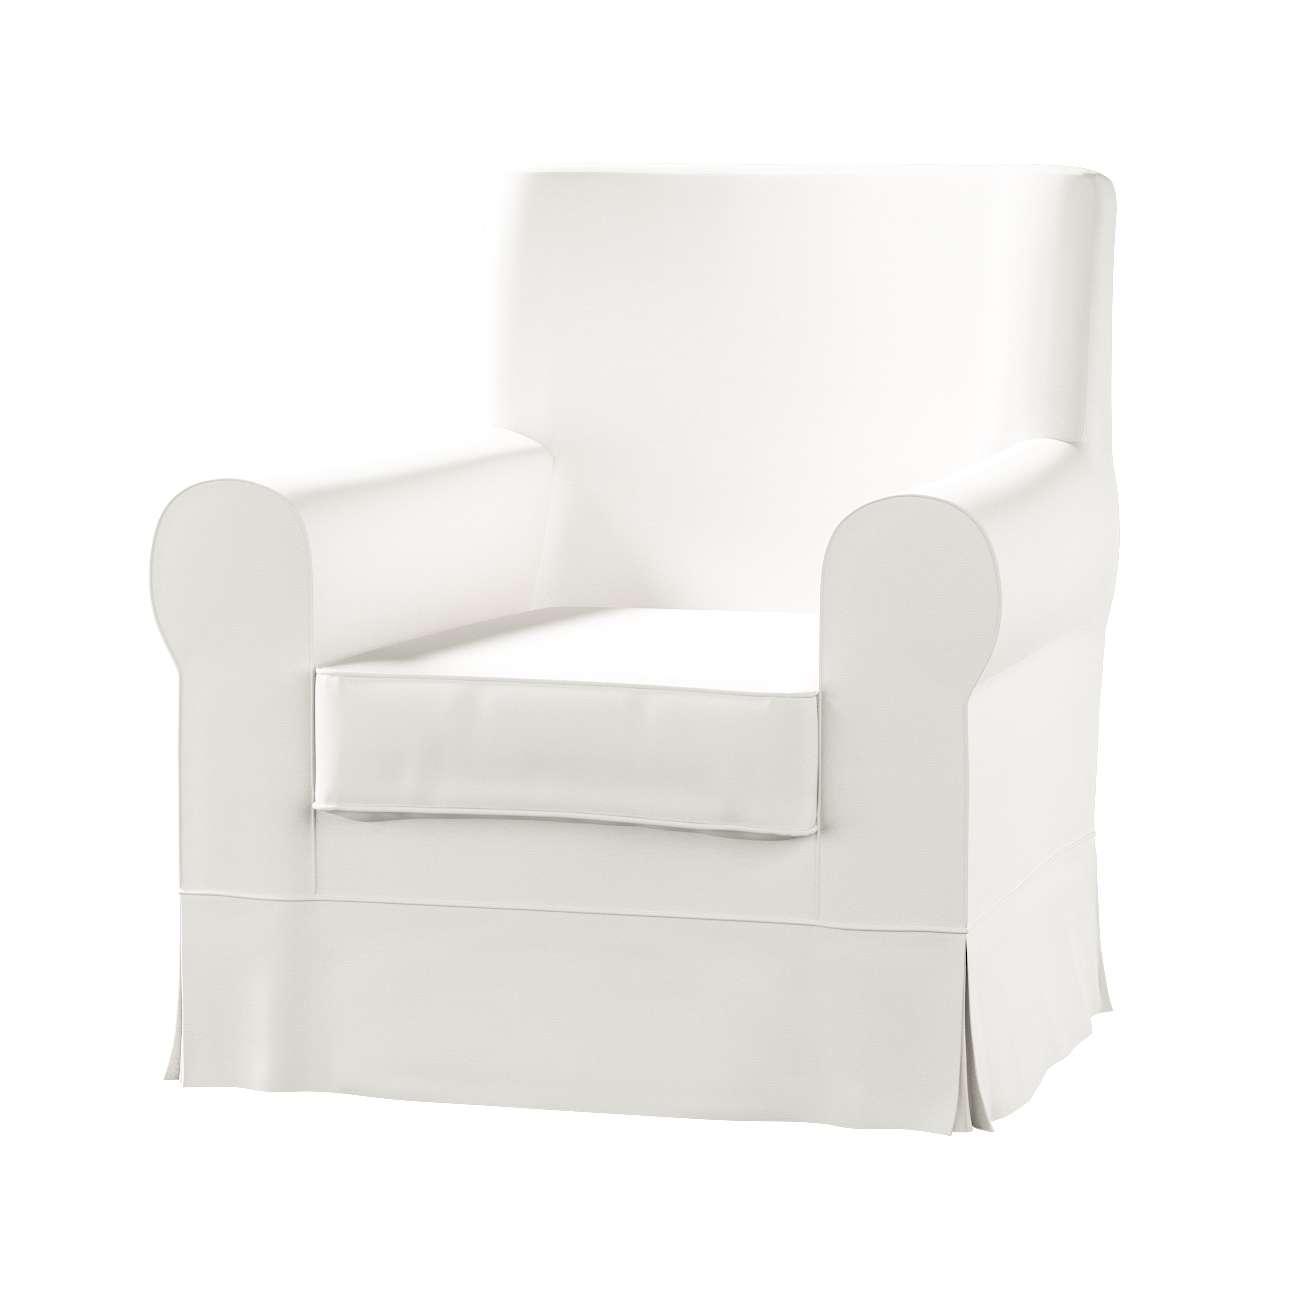 EKTORP JENNYLUND fotelio užvalkalas Ektorp Jennylund fotelio užvalkalas kolekcijoje Cotton Panama, audinys: 702-34